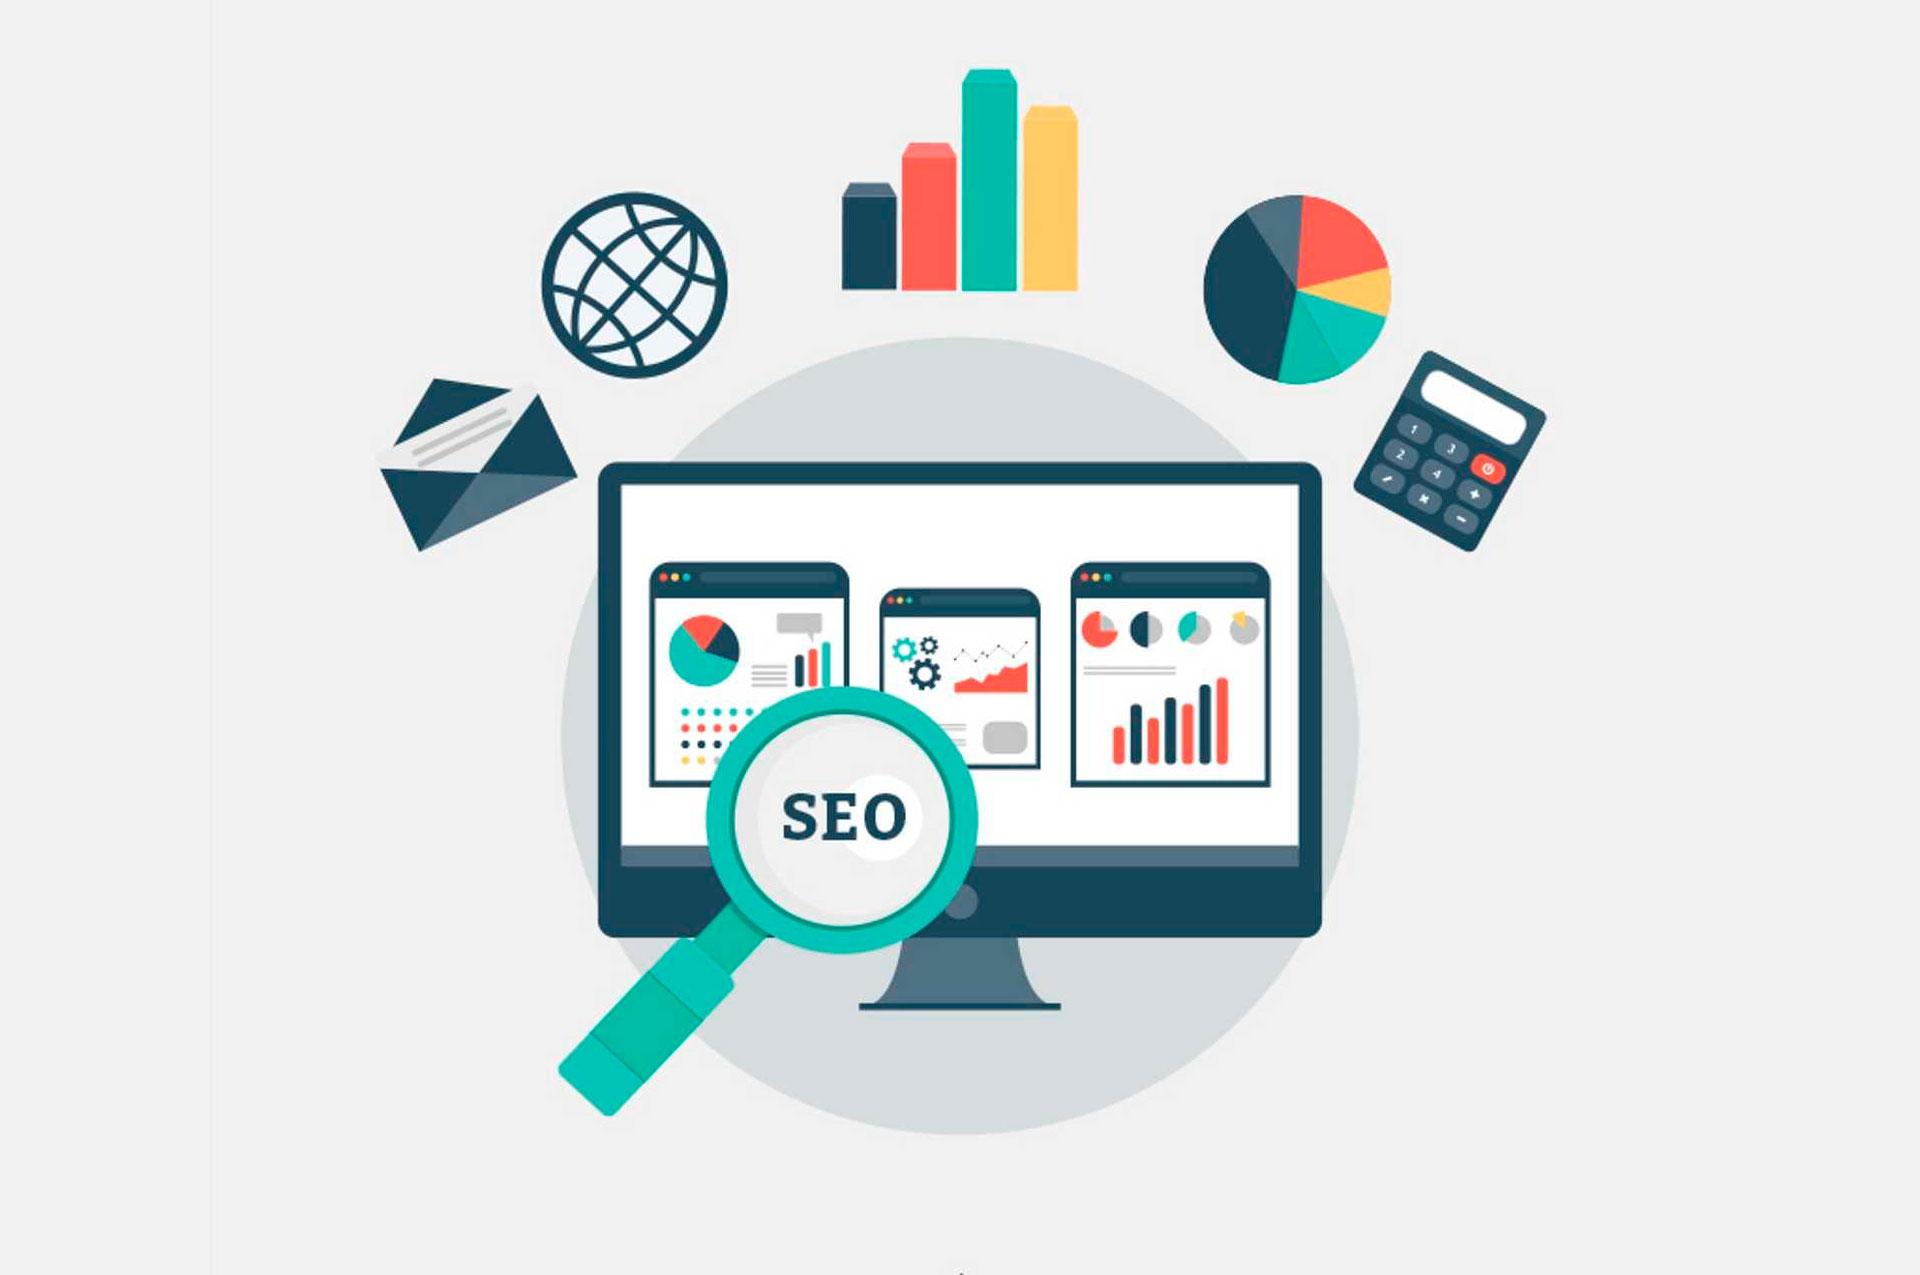 Posizionamento siti web sui motori di ricerca 2